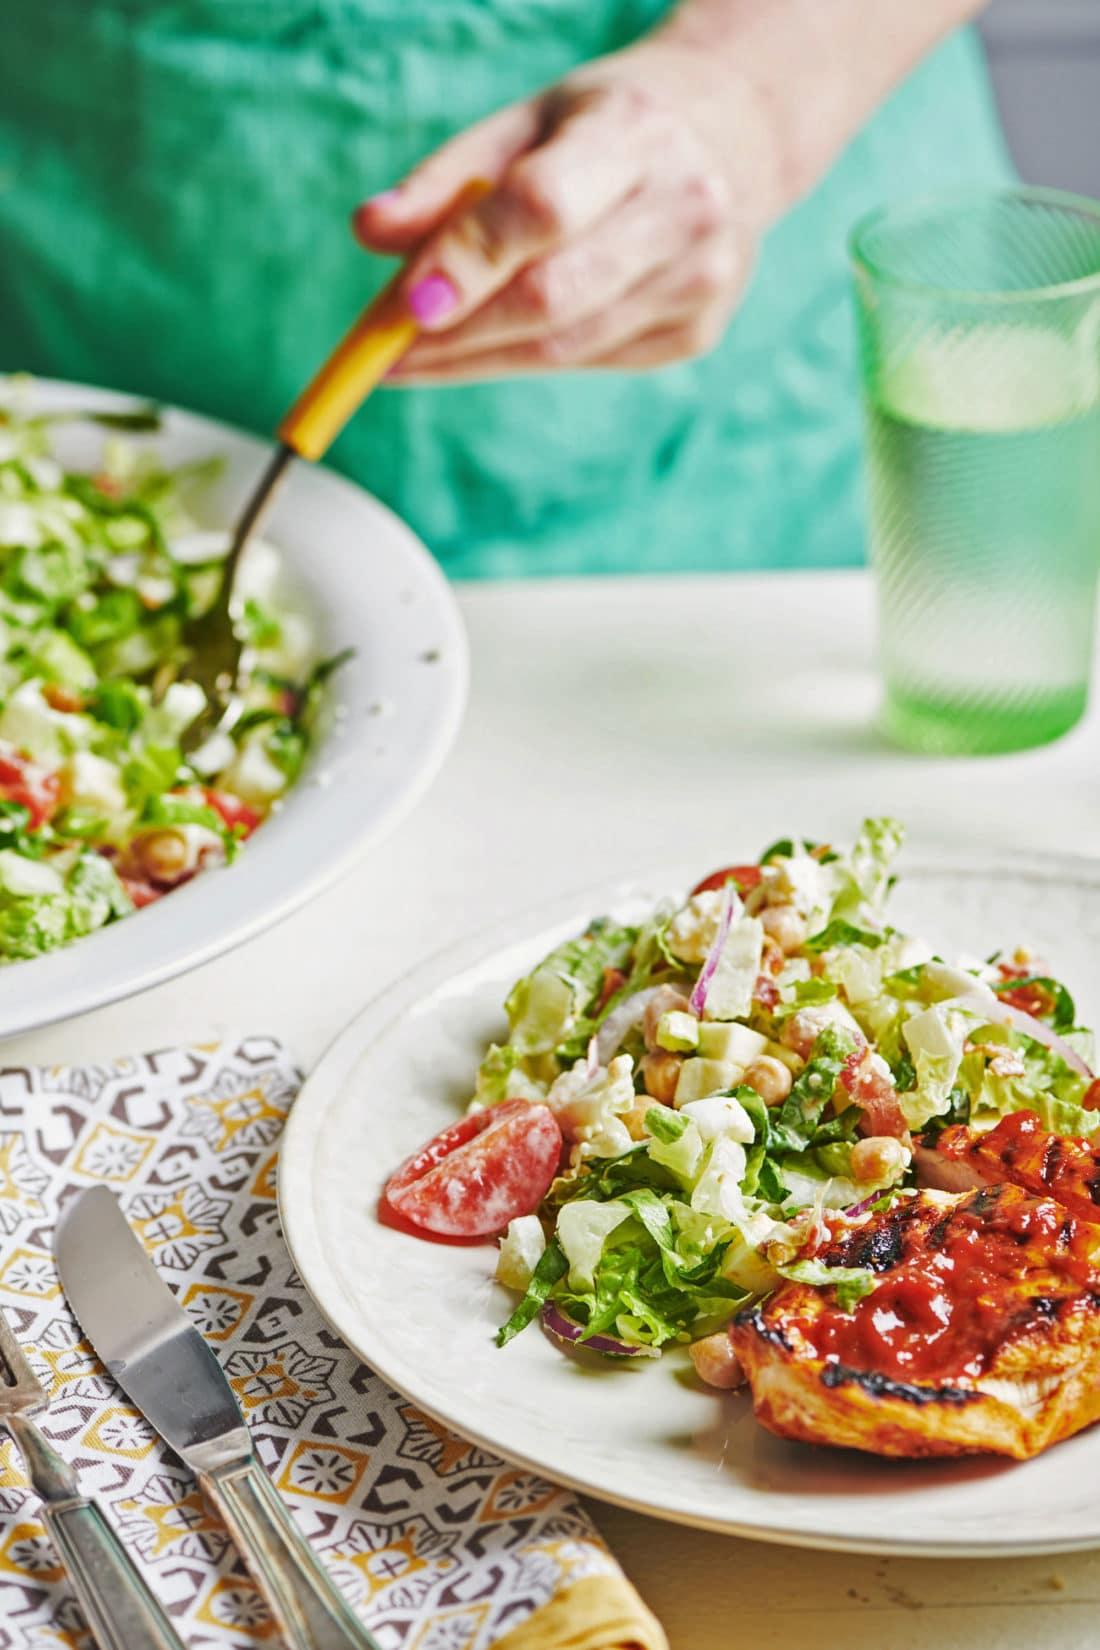 25 Easy Summer Salad Recipes